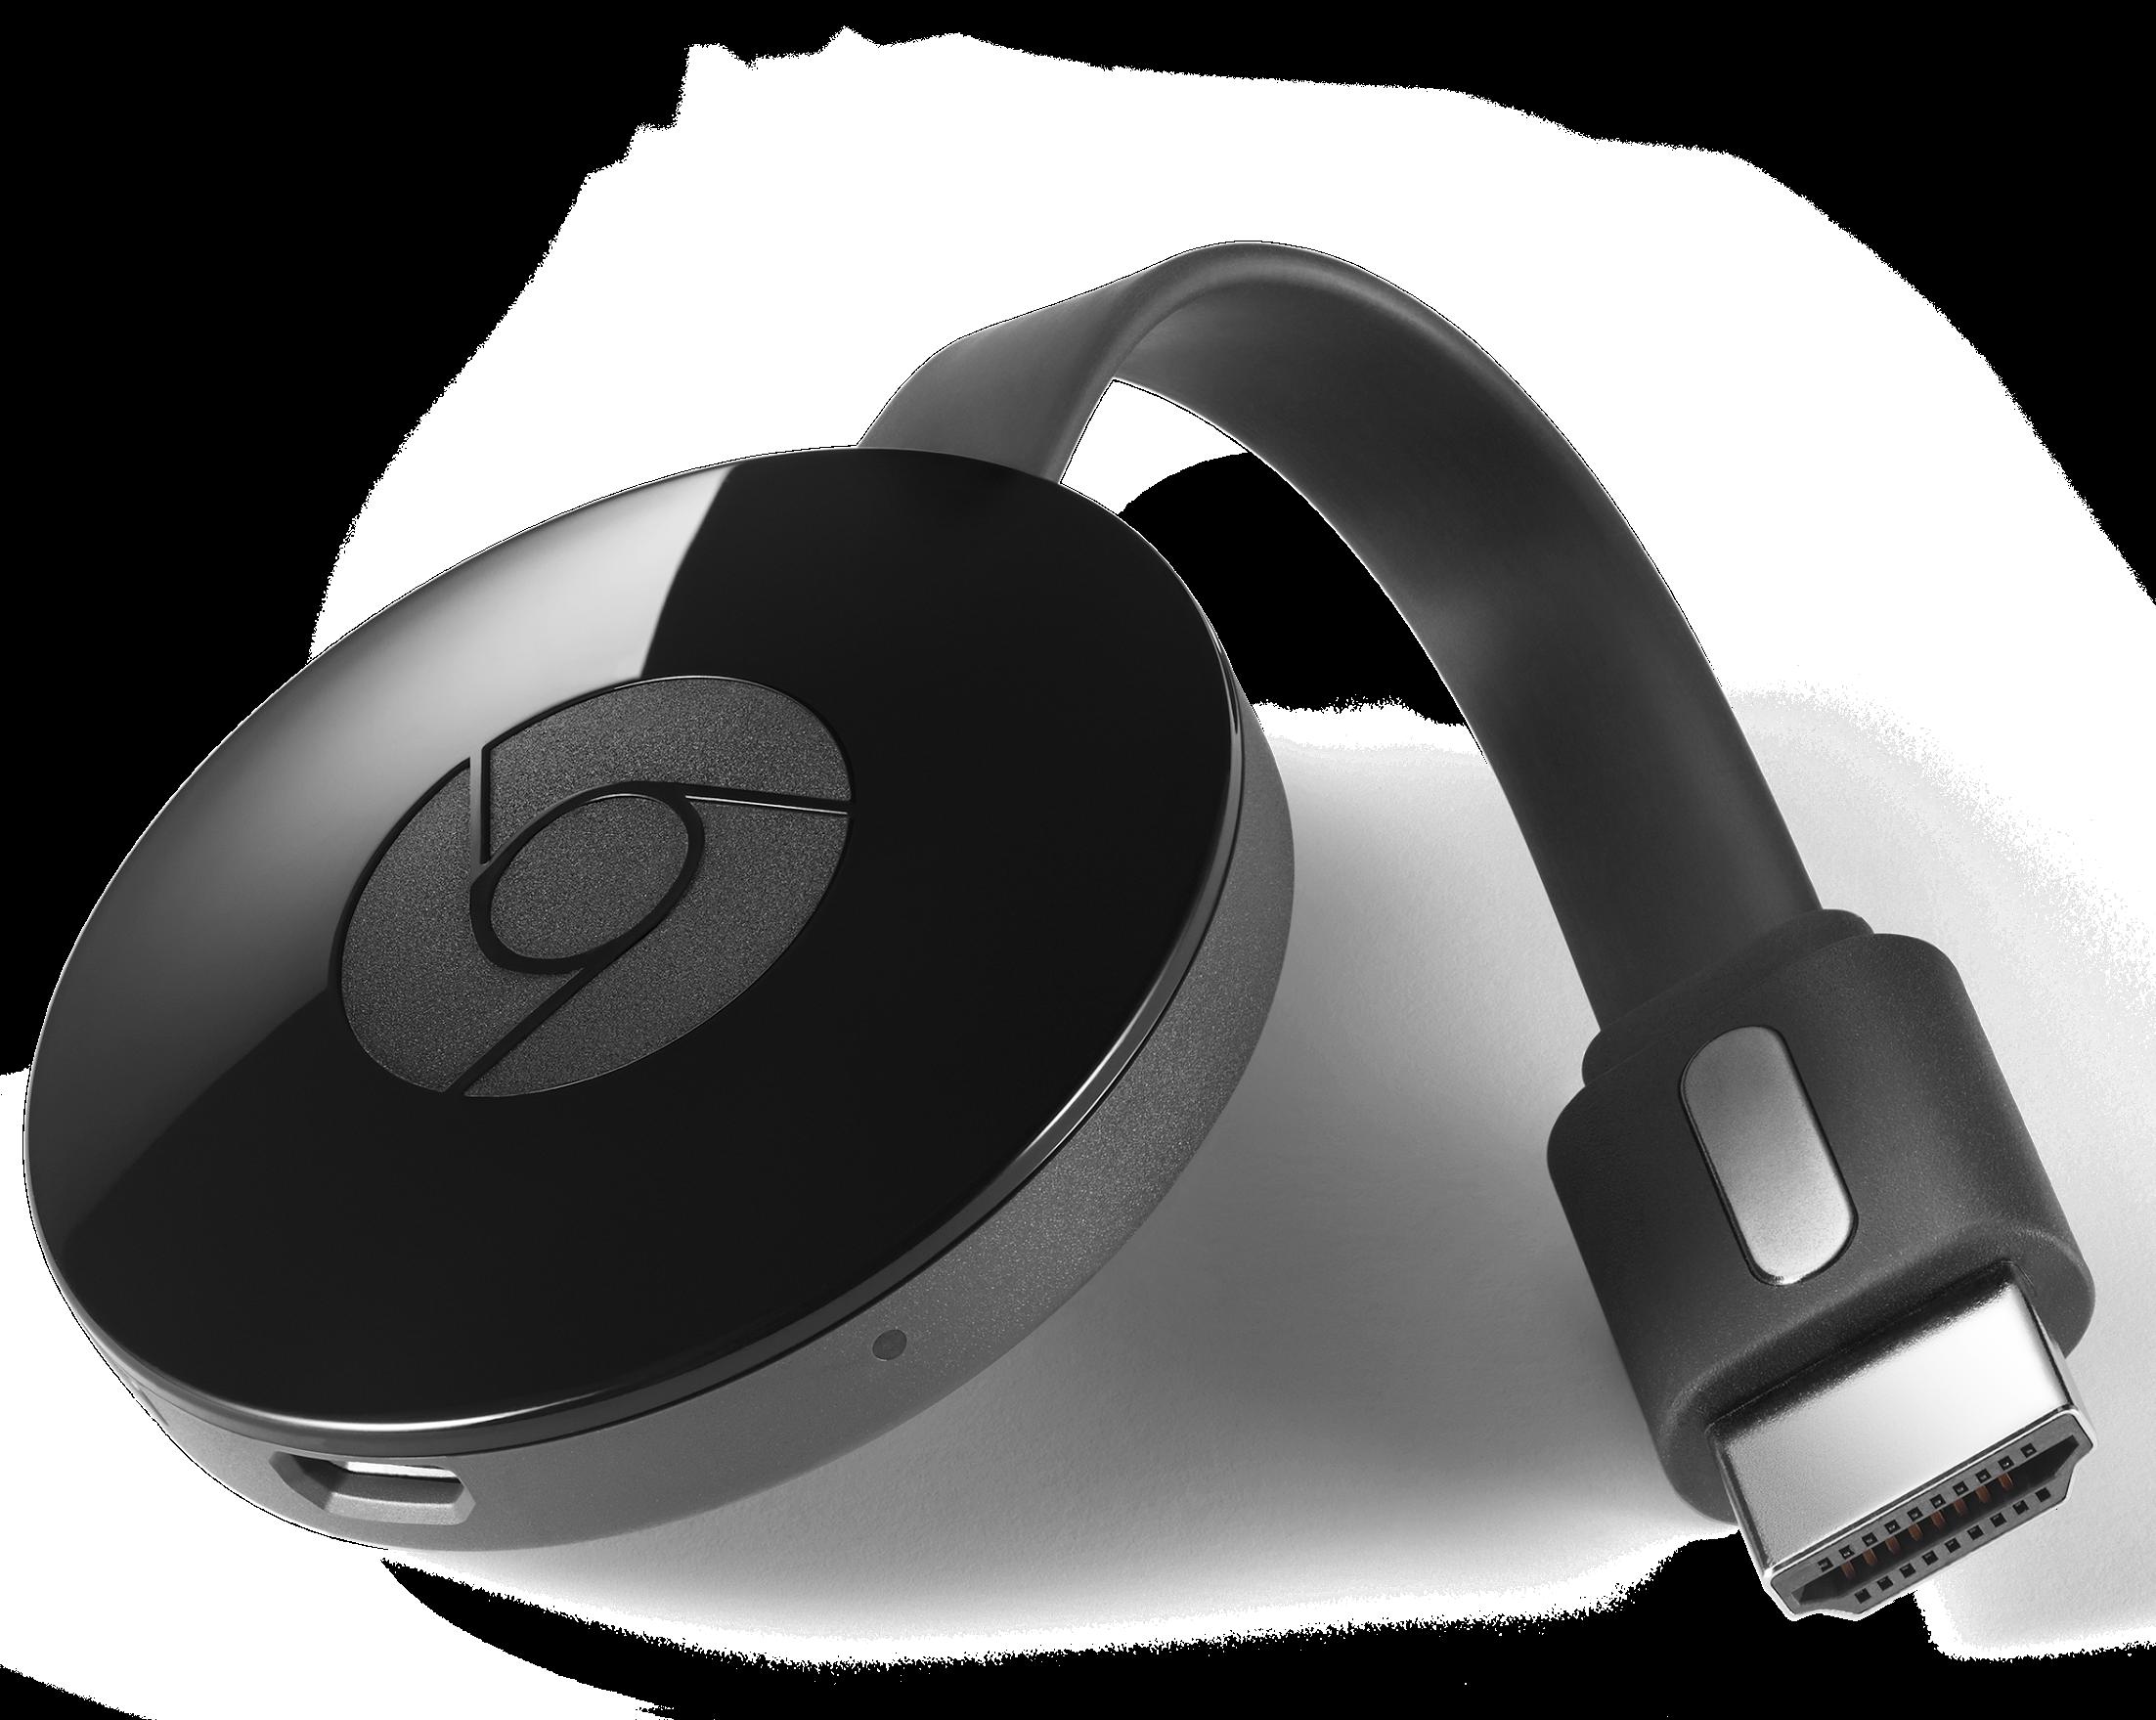 Google Chromecast kan kanskje fungere som en mottaker for Googles spillstrømmetjeneste. Bilde: Google